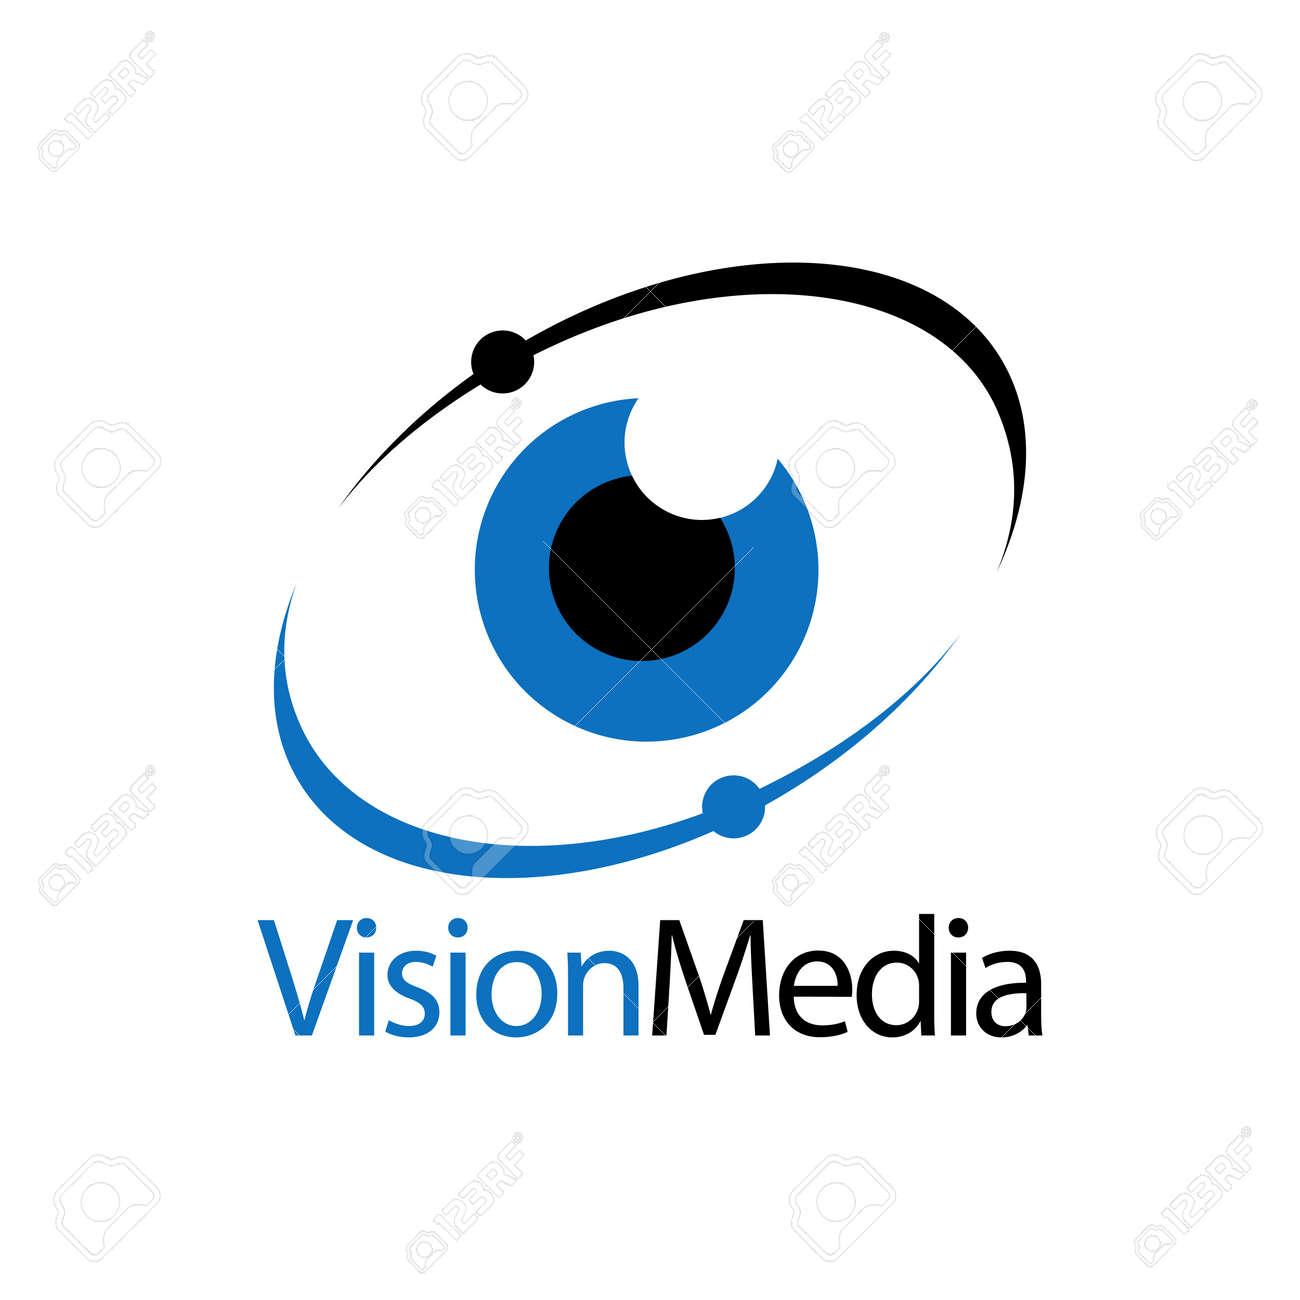 Eye icon vision media logo concept design template idea - 143647292